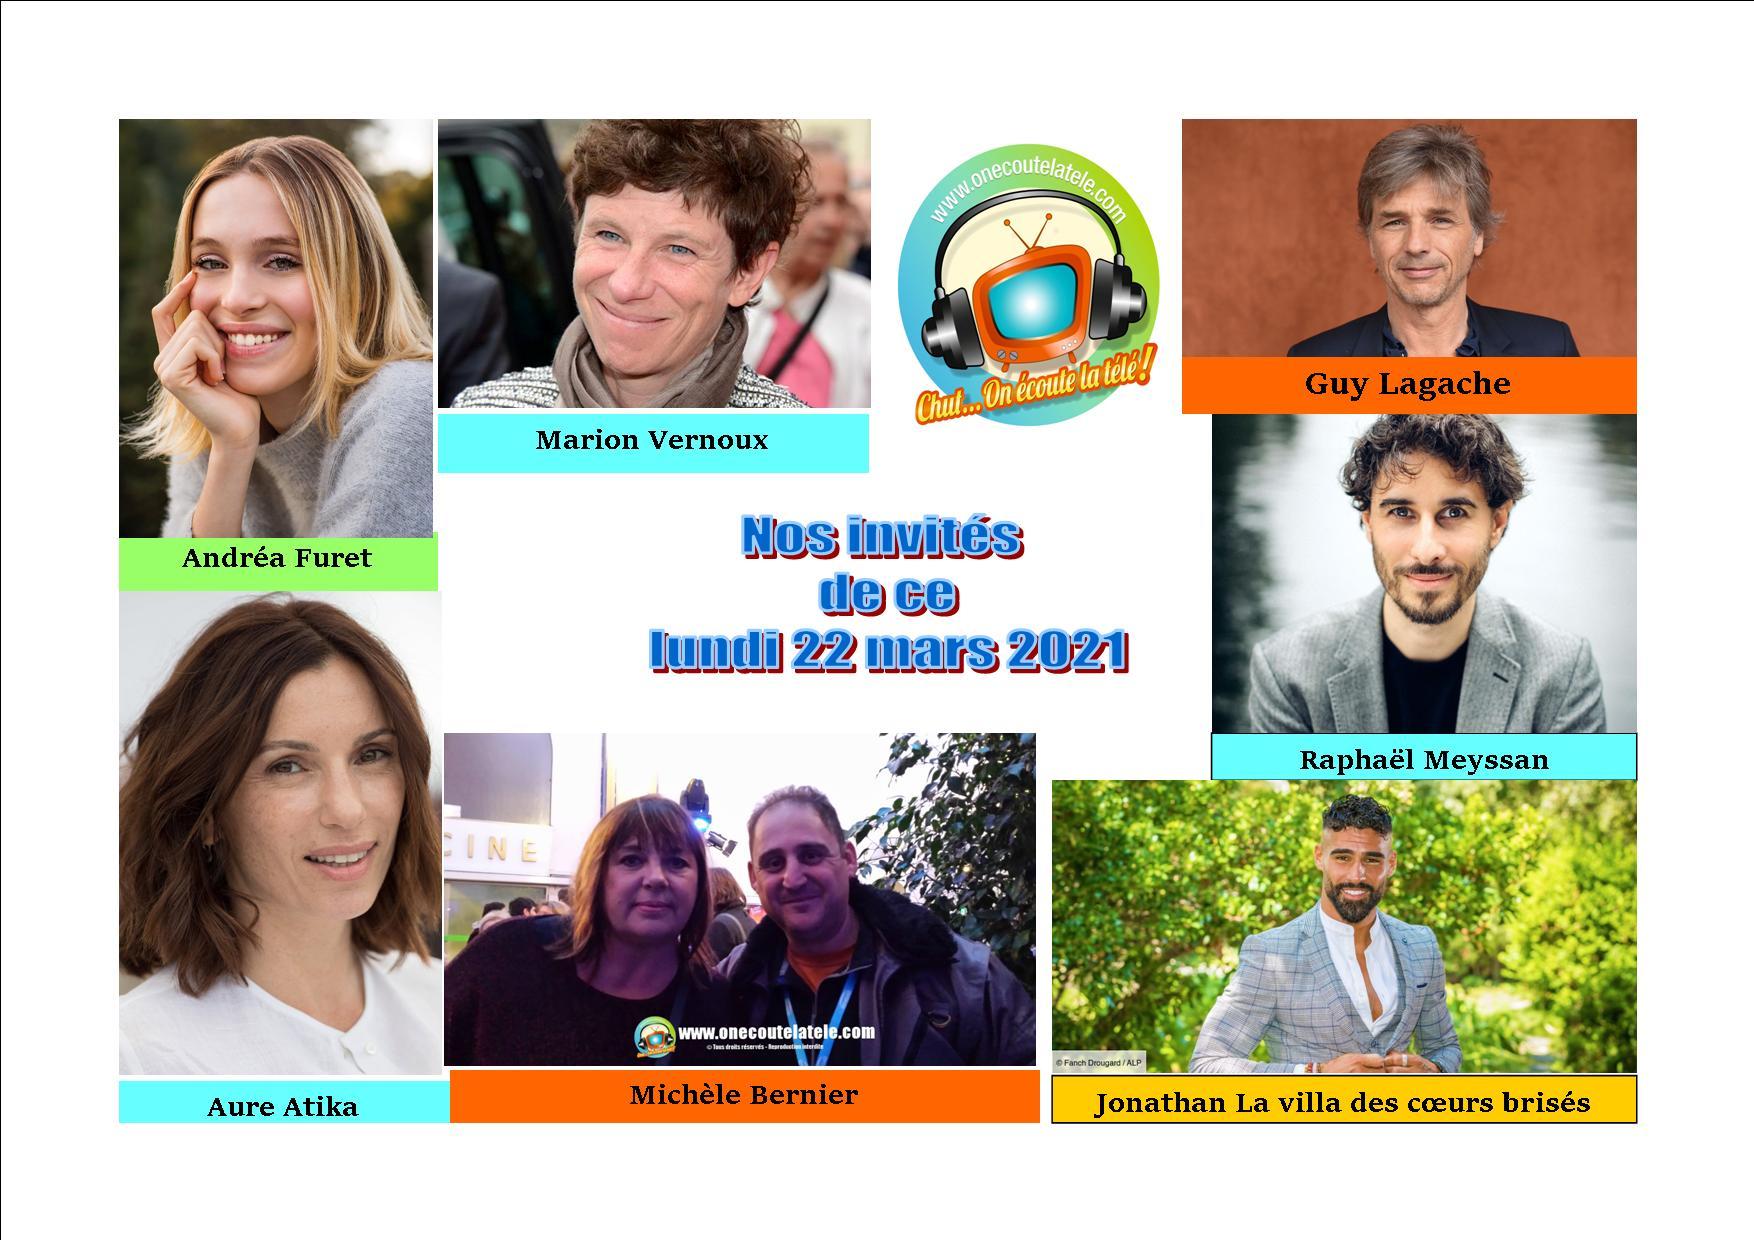 Voici nos émissions Chut on écoute la télé de ce lundi 22 mars avec Michèle Bernier, Guy Lagache, Aure Atika, Jonathan de la villa, et Raphael Meyssan